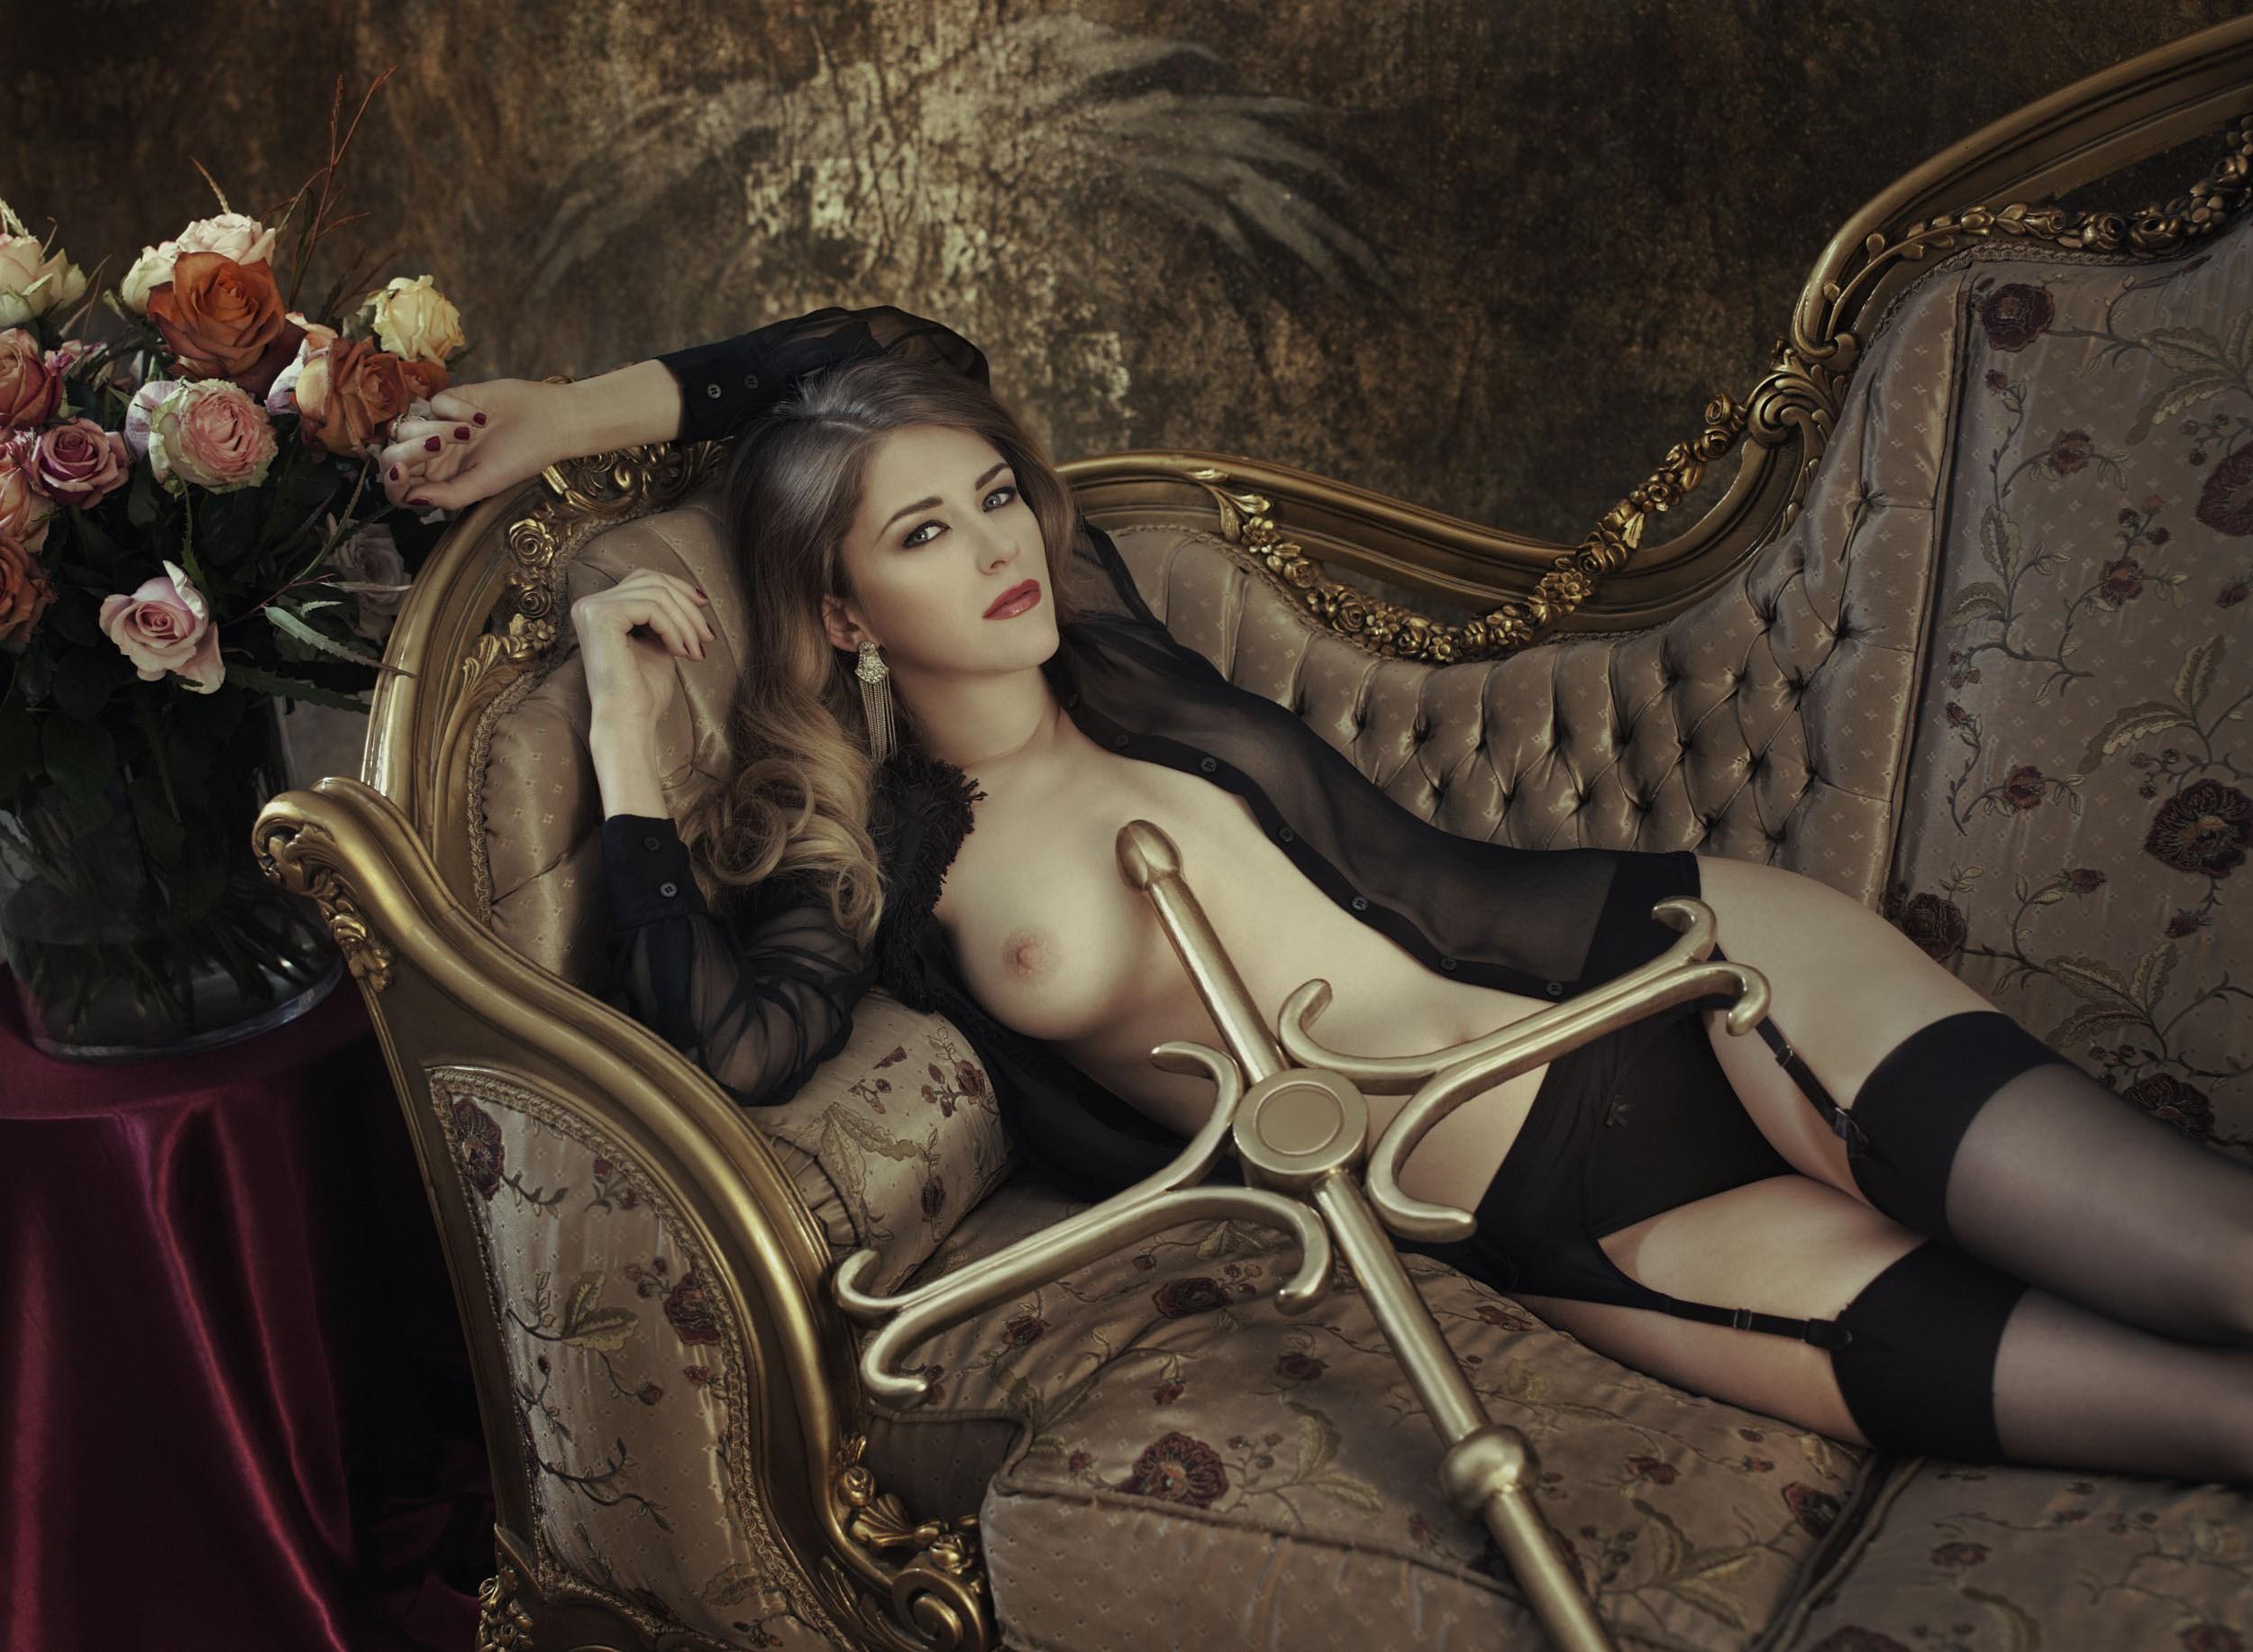 Художественная еротика онлайн, Эротические фильмы, смотреть онлайн, эротические 5 фотография